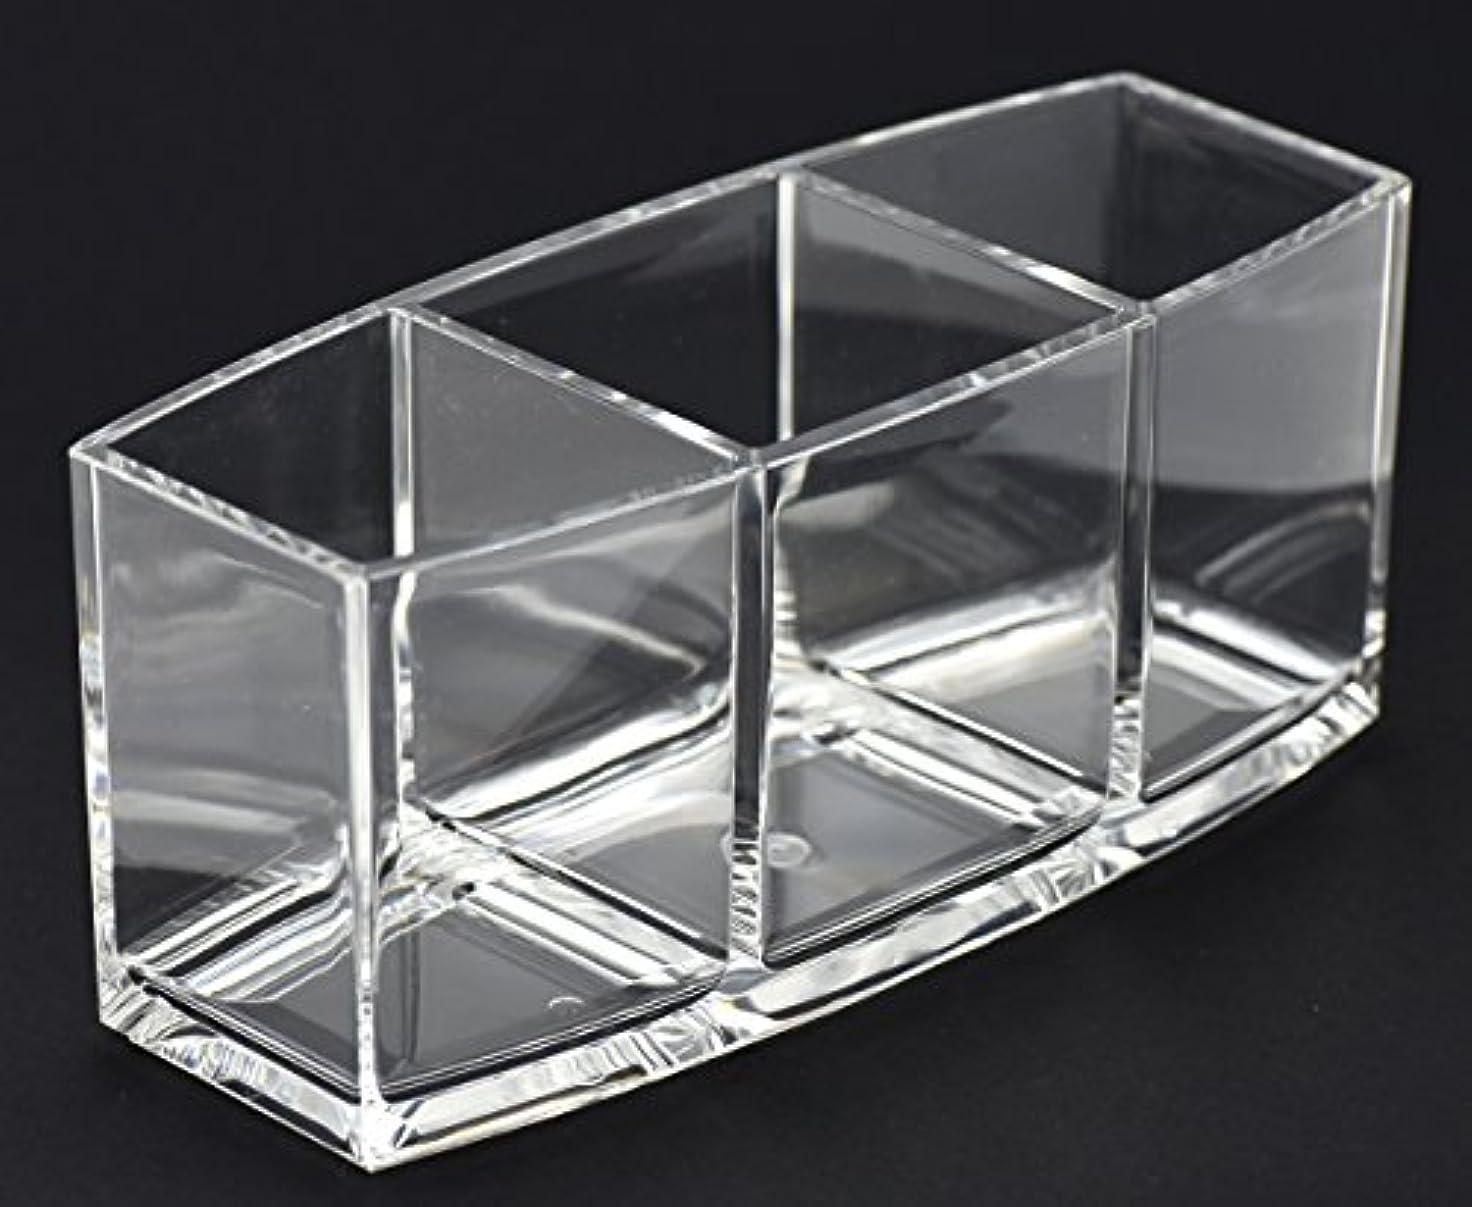 マトリックスゲインセイ人工FiveSeasonStuff 化粧収納ボックス メイクケース 透明アクリル 収納メイク 大容量 文房具 多機能 便利 3グリッド 小物入れ